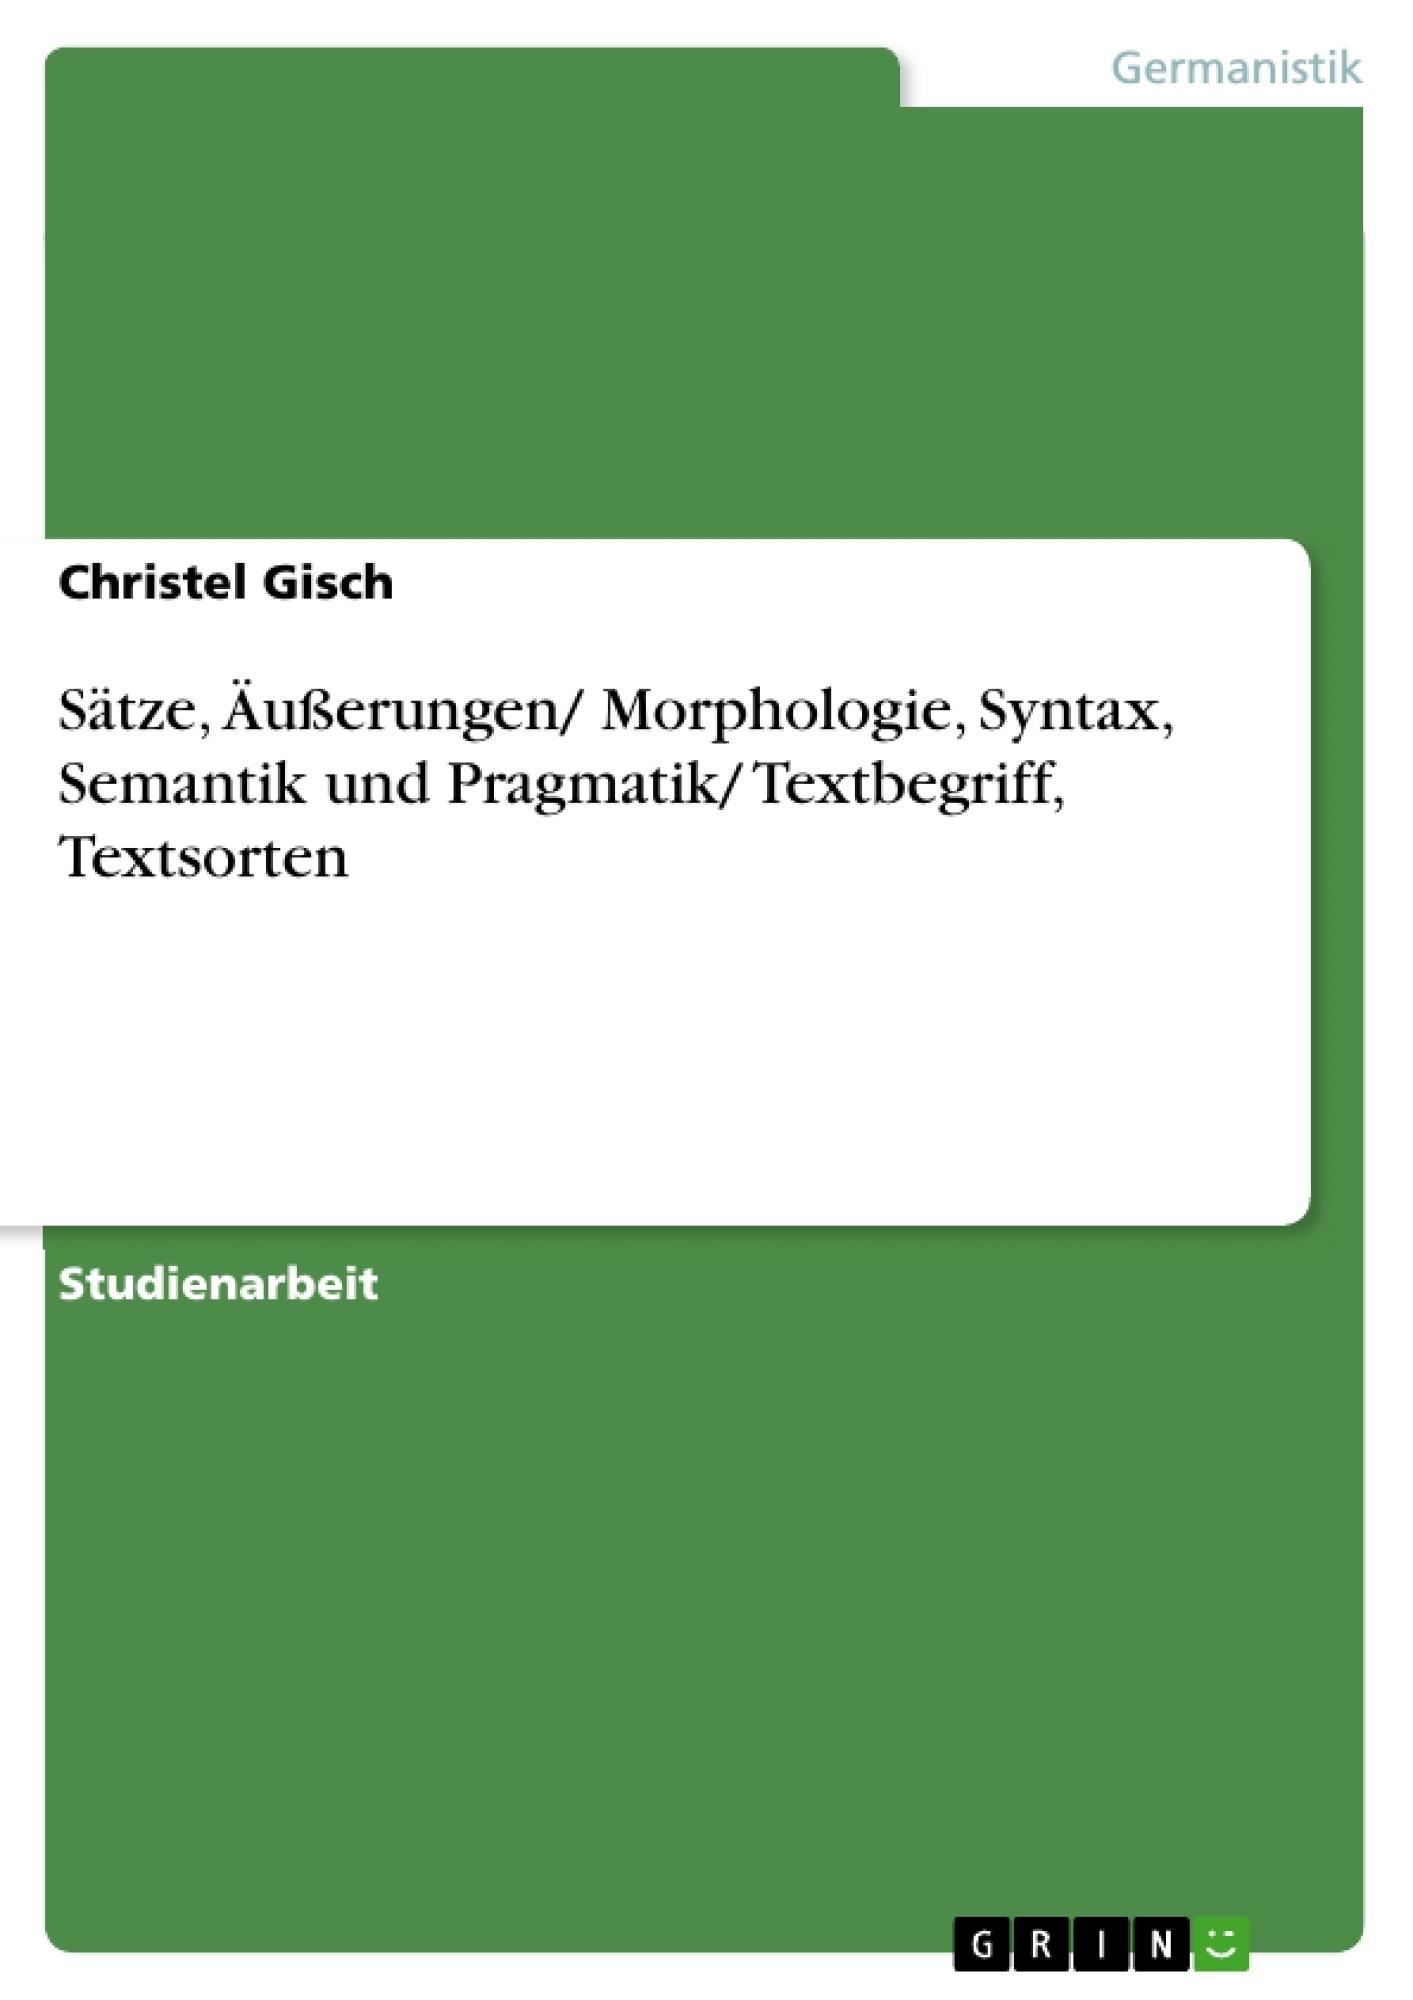 Titel: Sätze, Äußerungen/ Morphologie, Syntax, Semantik und Pragmatik/ Textbegriff, Textsorten